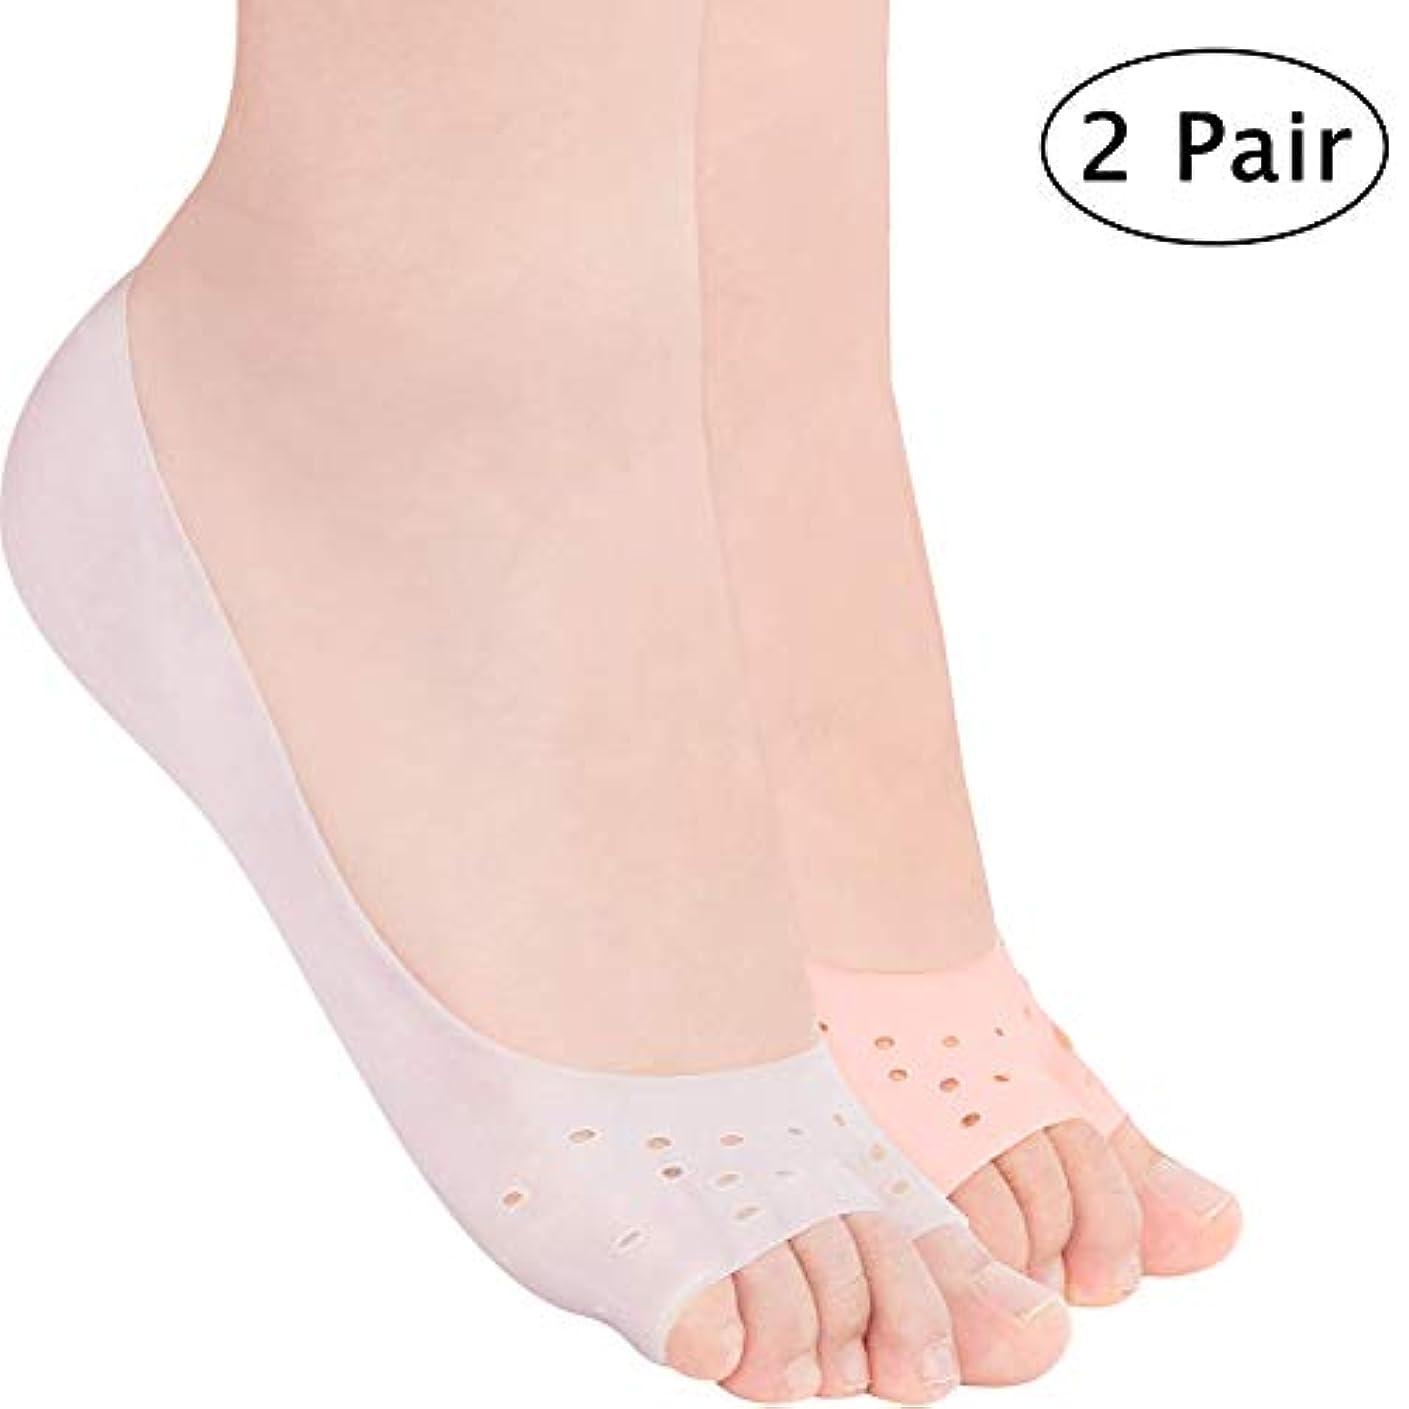 懲戒沿ってきしむ美容 保湿 靴下 シリコーン ソックス 弾性ひび 割れを防ぐ 通気穴付き 2足セット